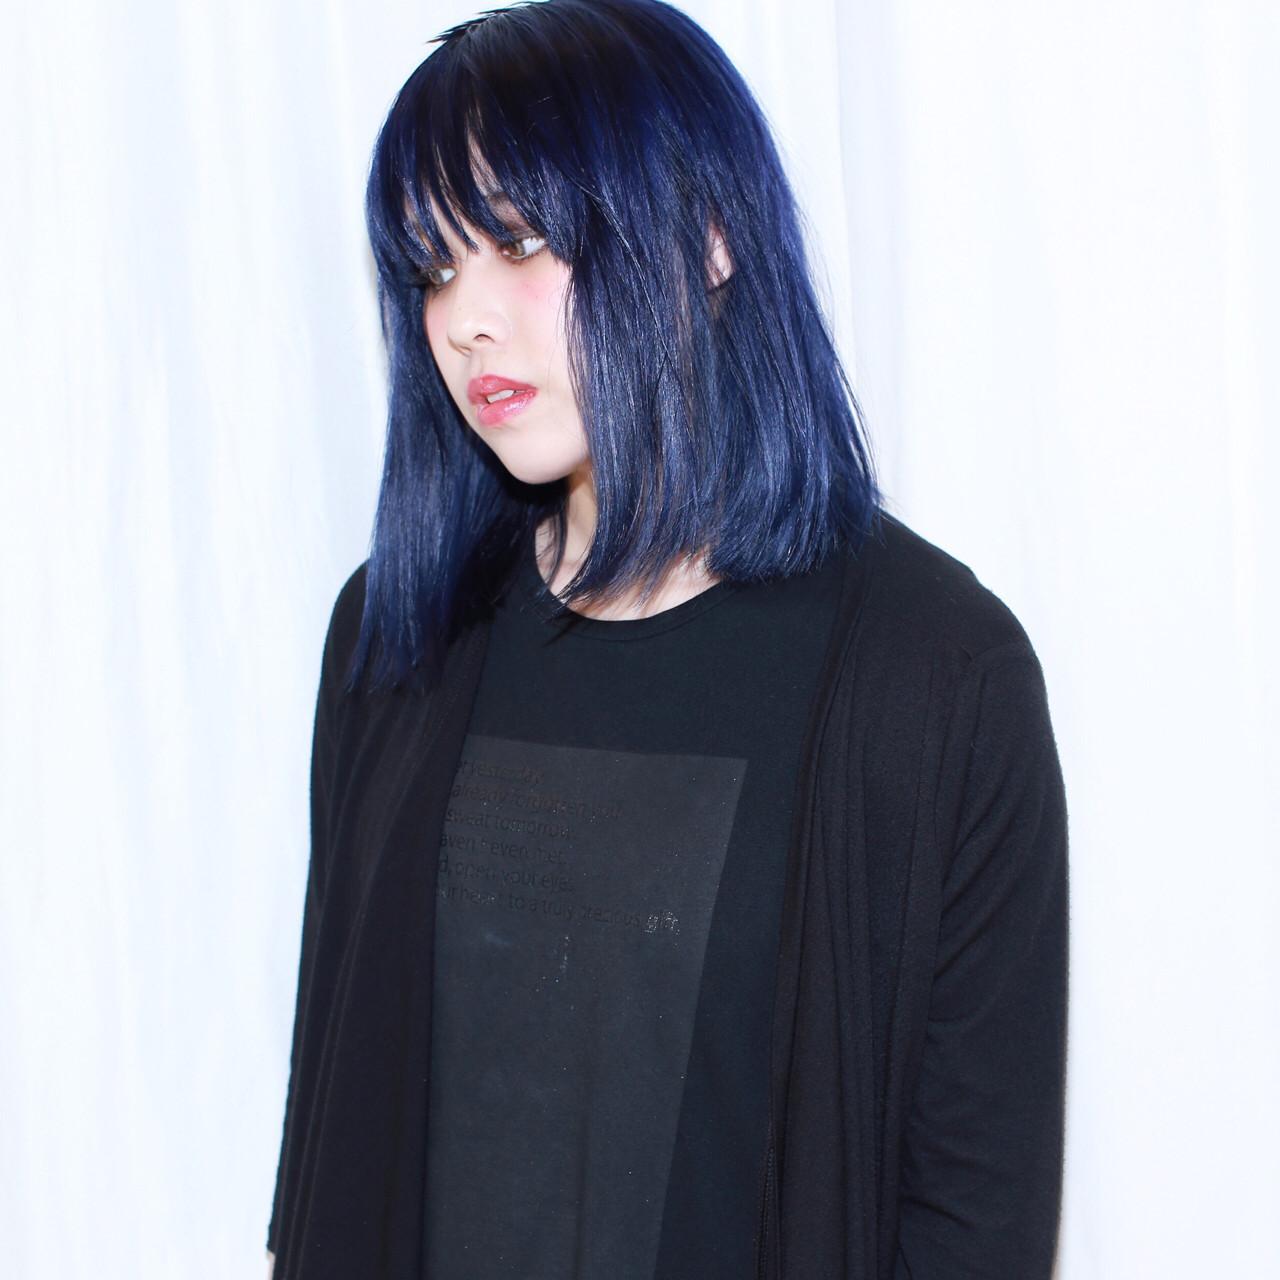 暗髪 ネイビー ストリート ダブルカラー ヘアスタイルや髪型の写真・画像 | イマムラ スナオ / LUKE